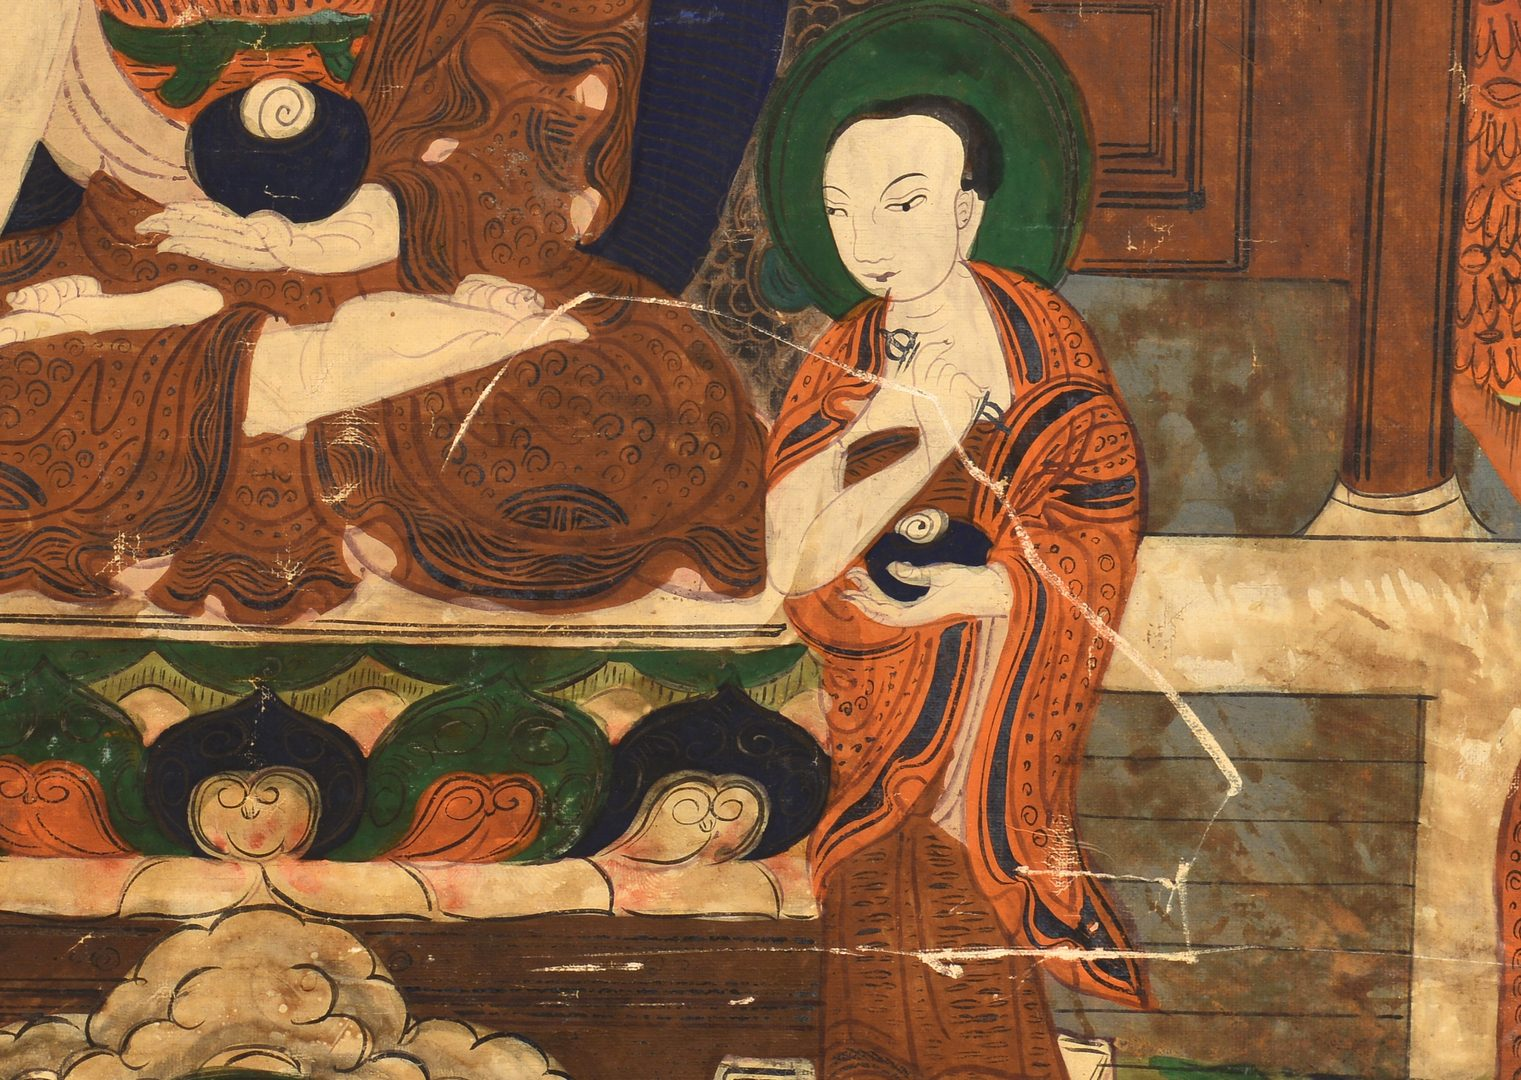 Lot 70: Sino-Tibetan Thangka